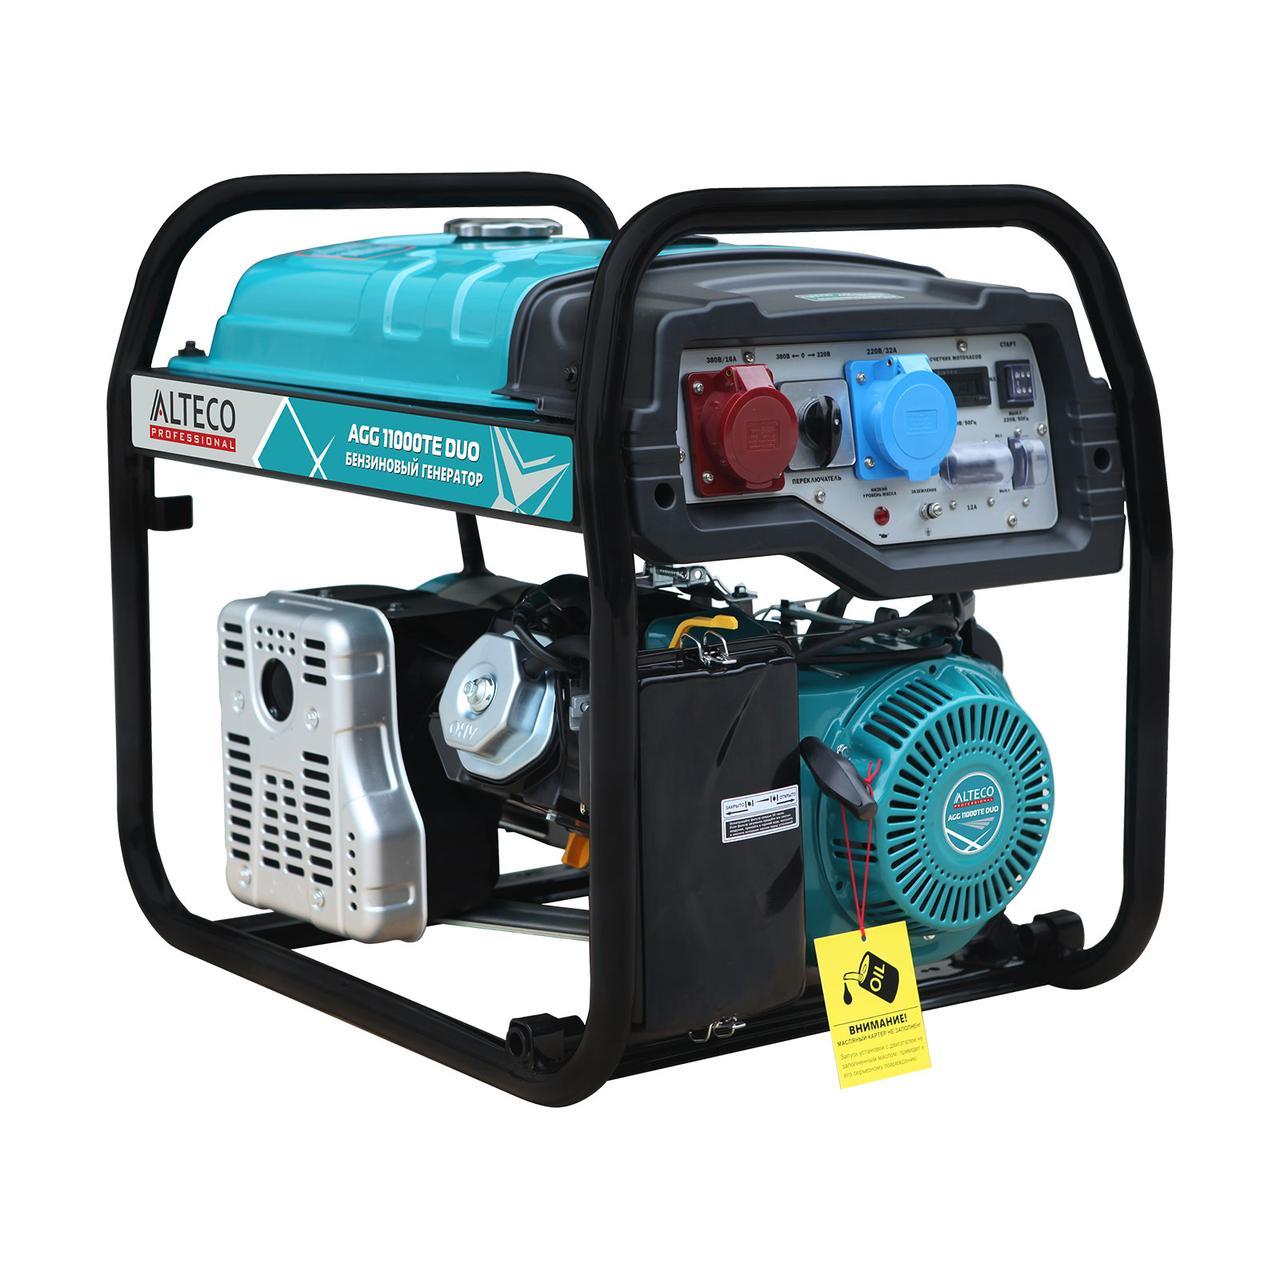 Профессиональный генератор ALTECO AGG 11000 TE DUO